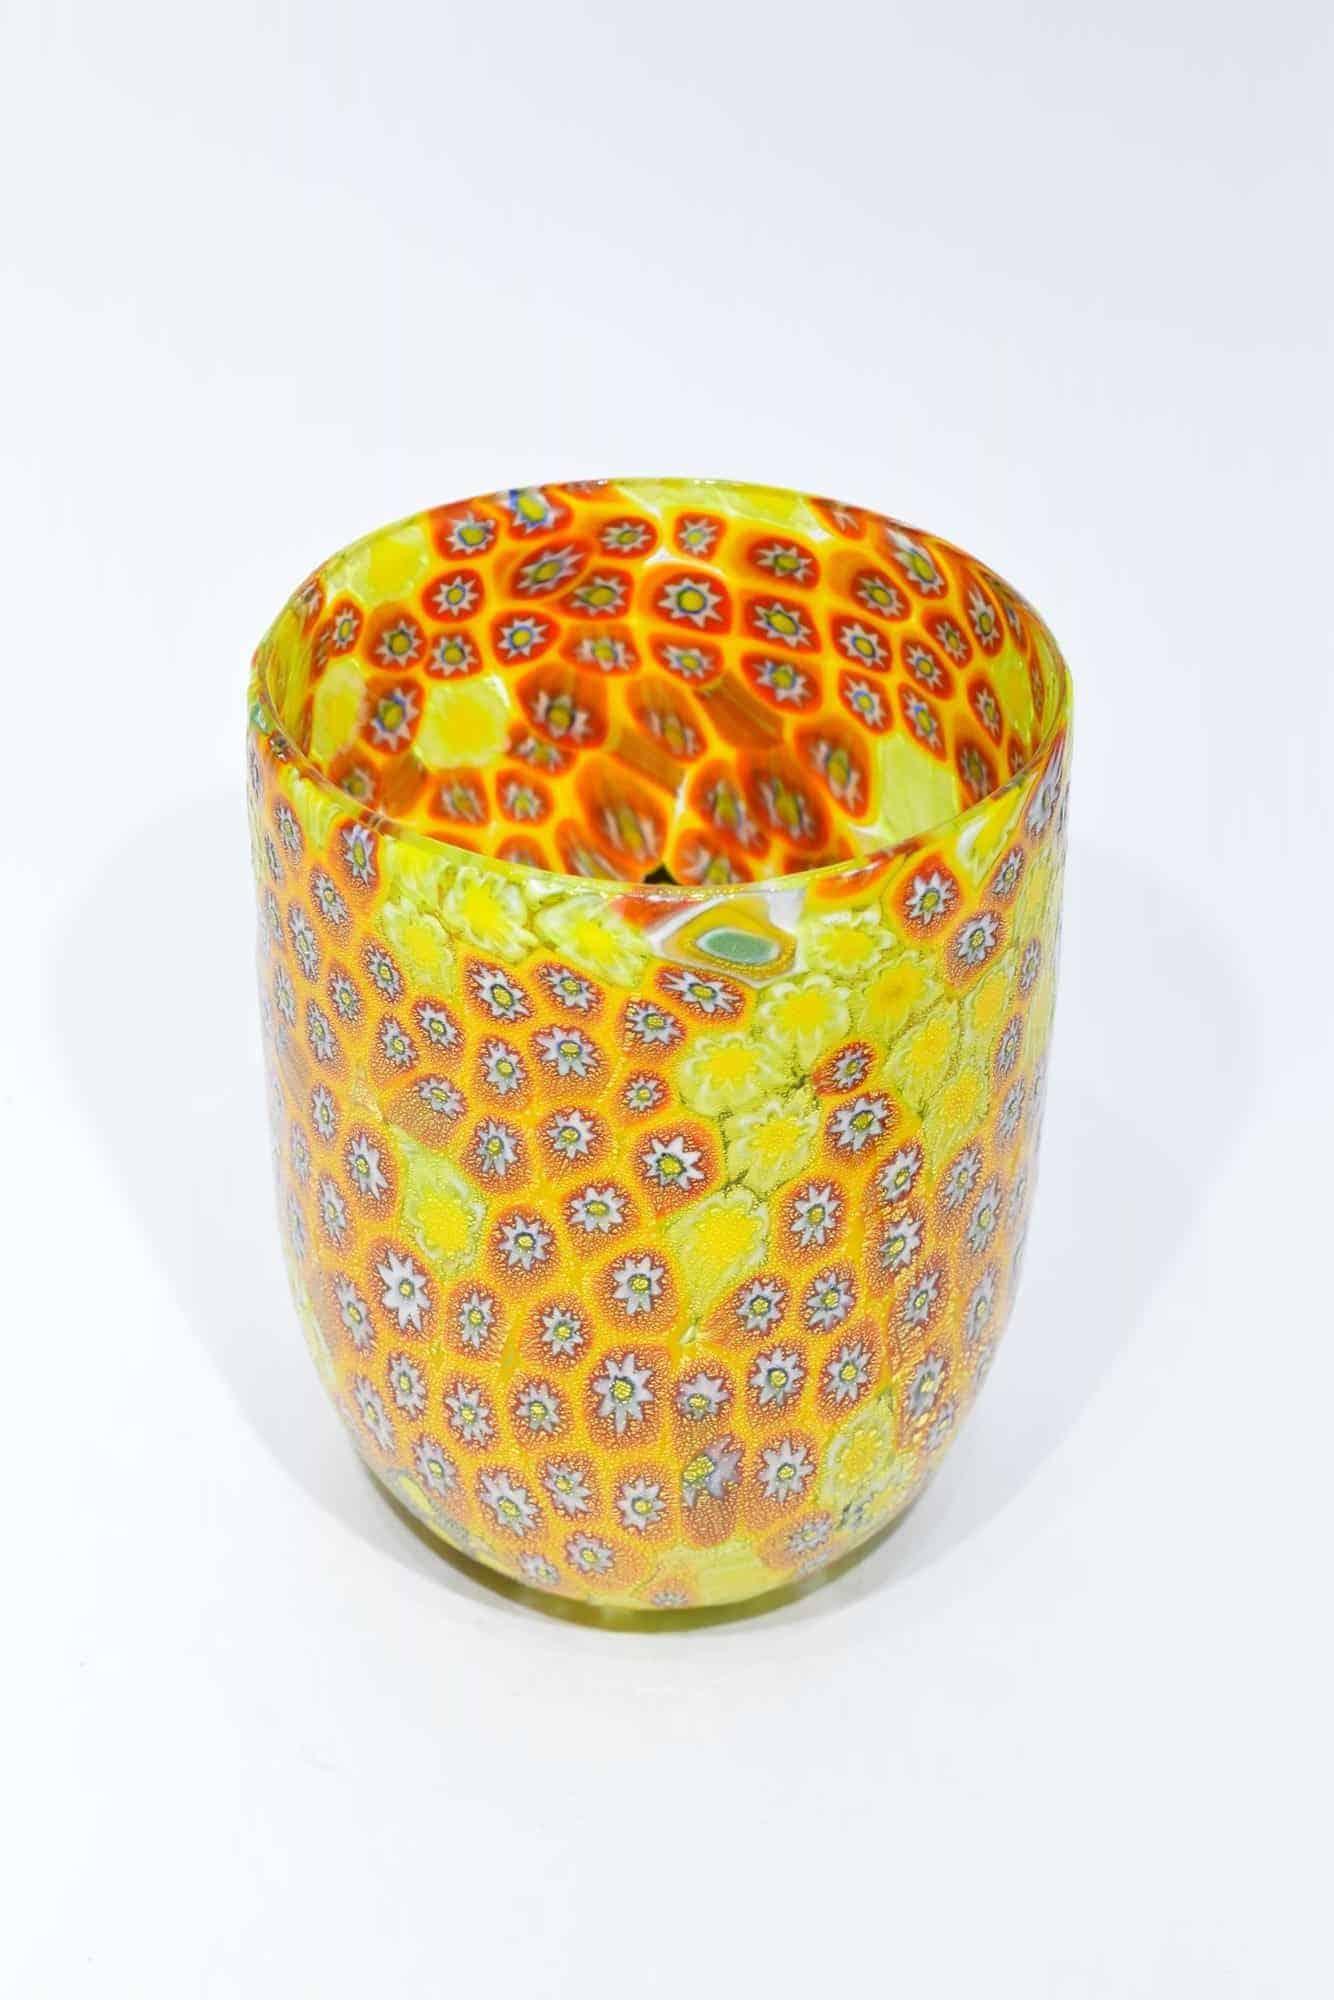 Murrine Glass In Murano Glass (Art. 13078)